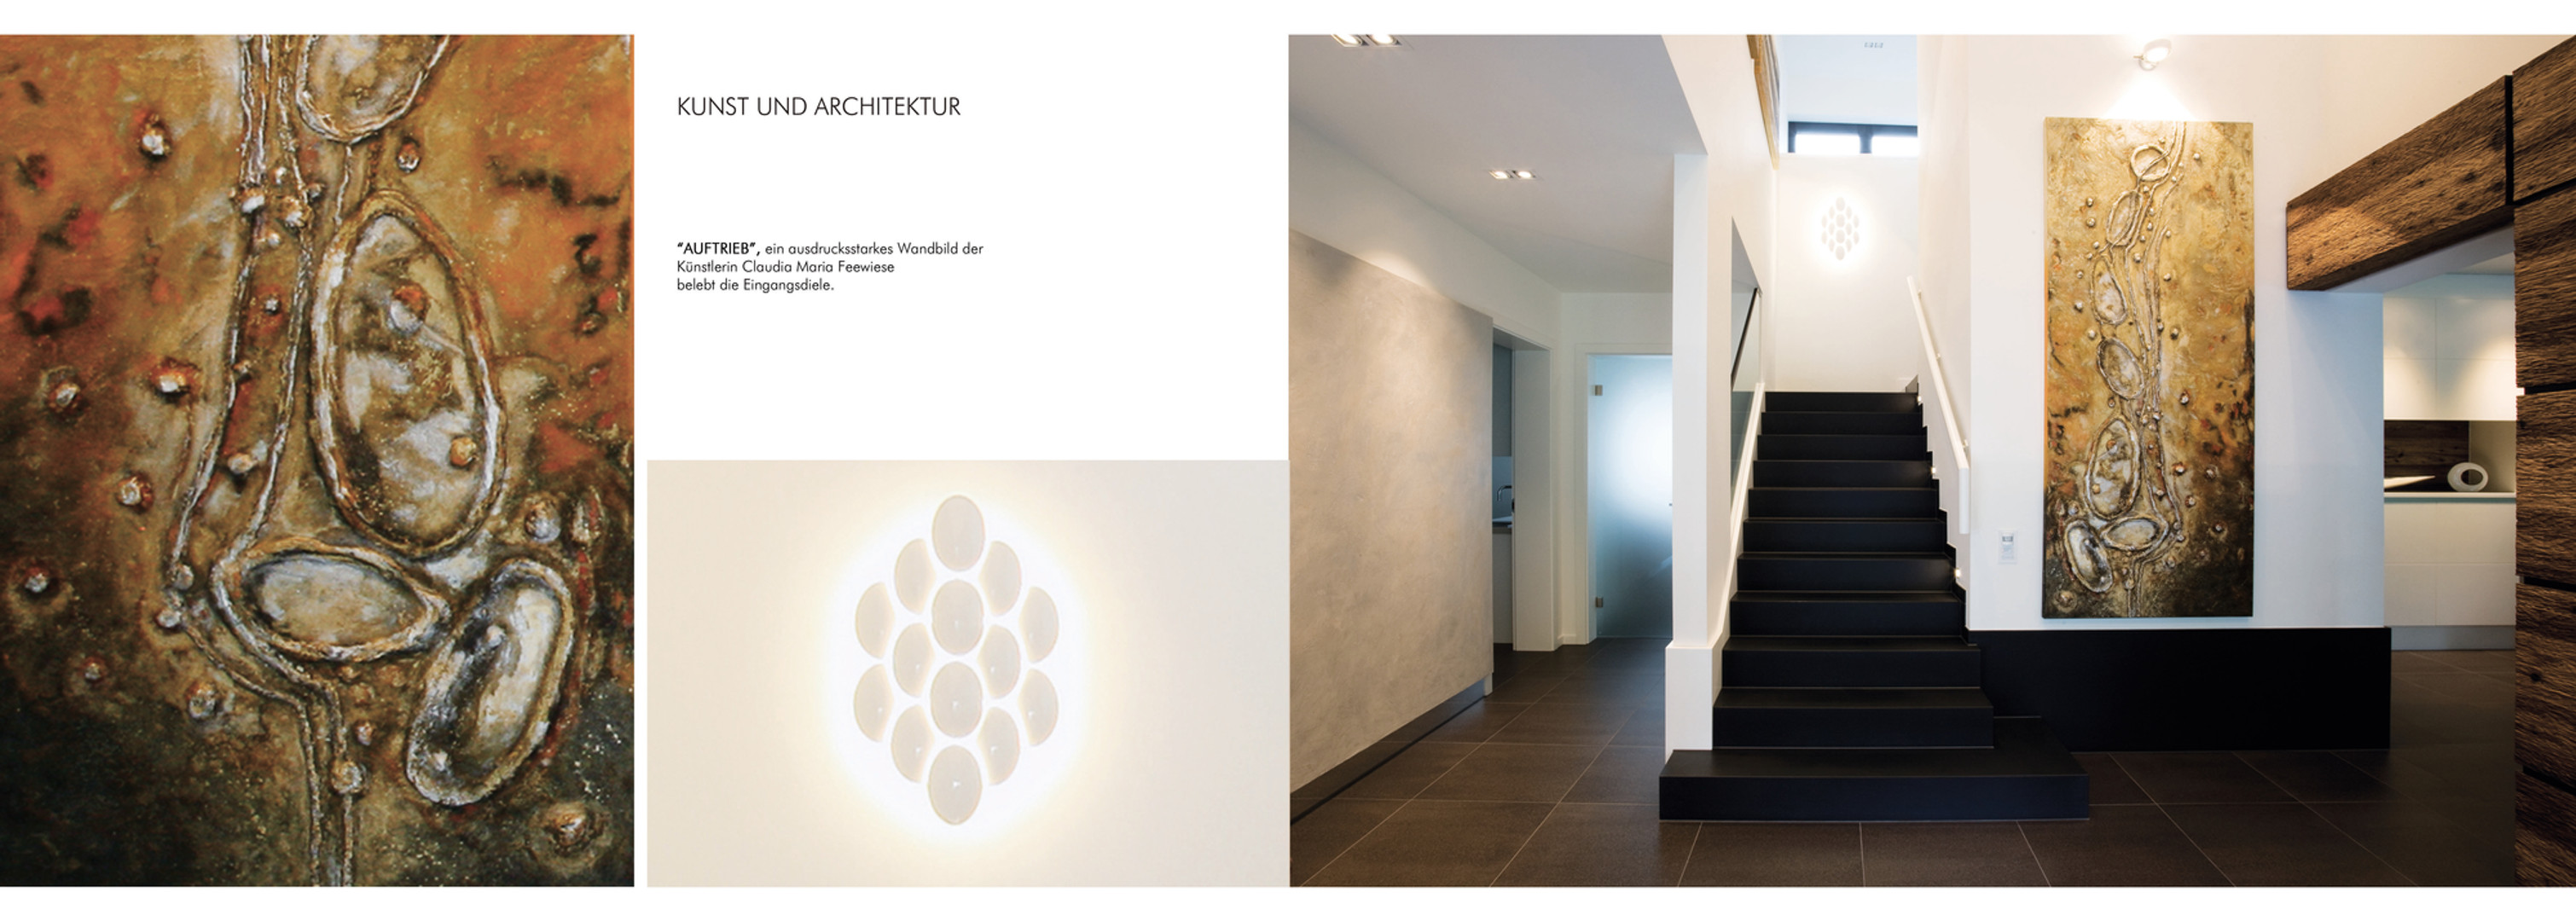 06_Mauk Galerie.jpg